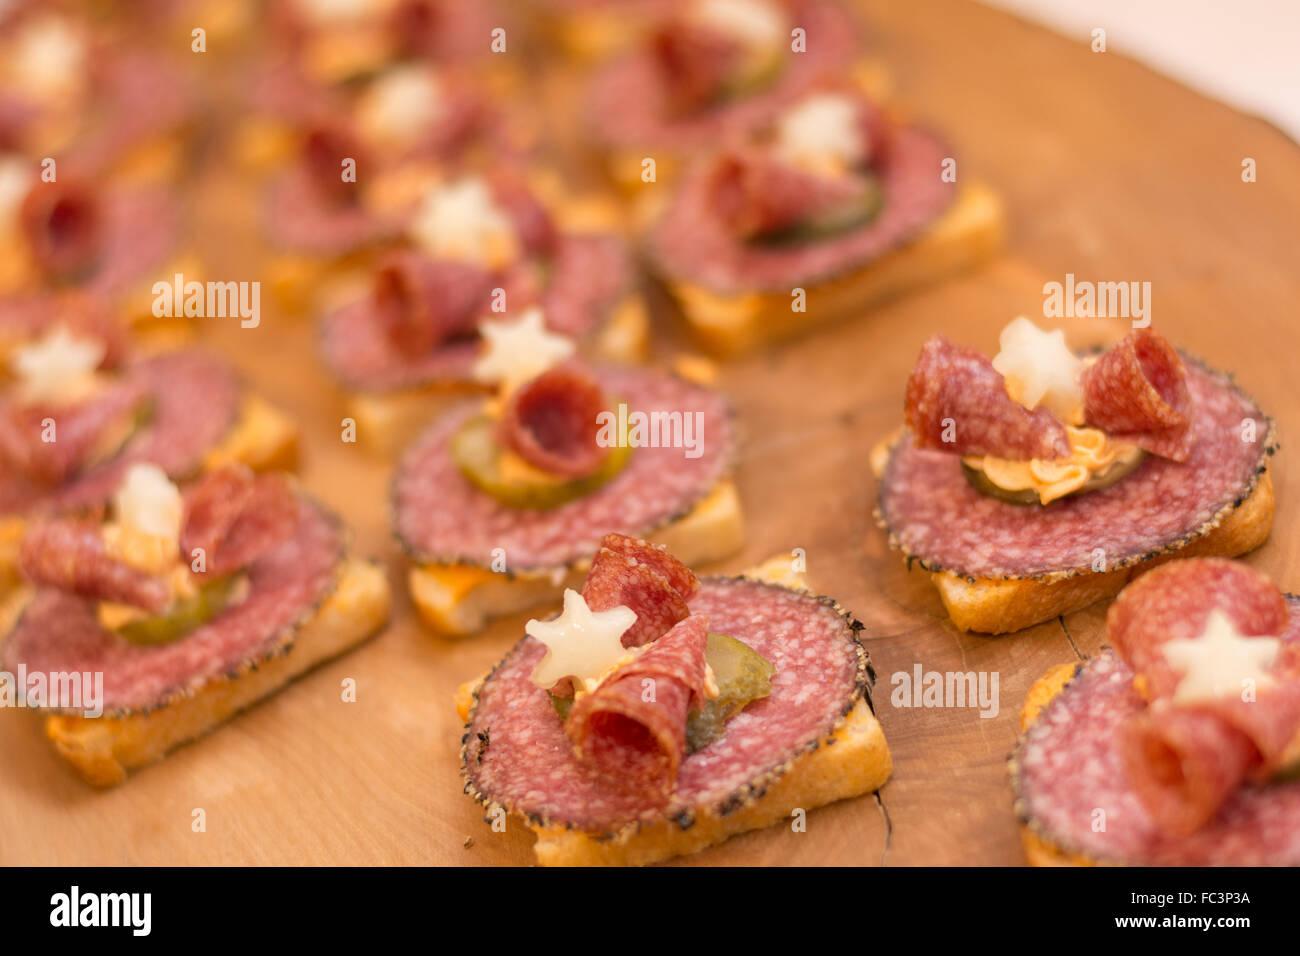 Rouleaux de saucisses préparés avec amour Photo Stock